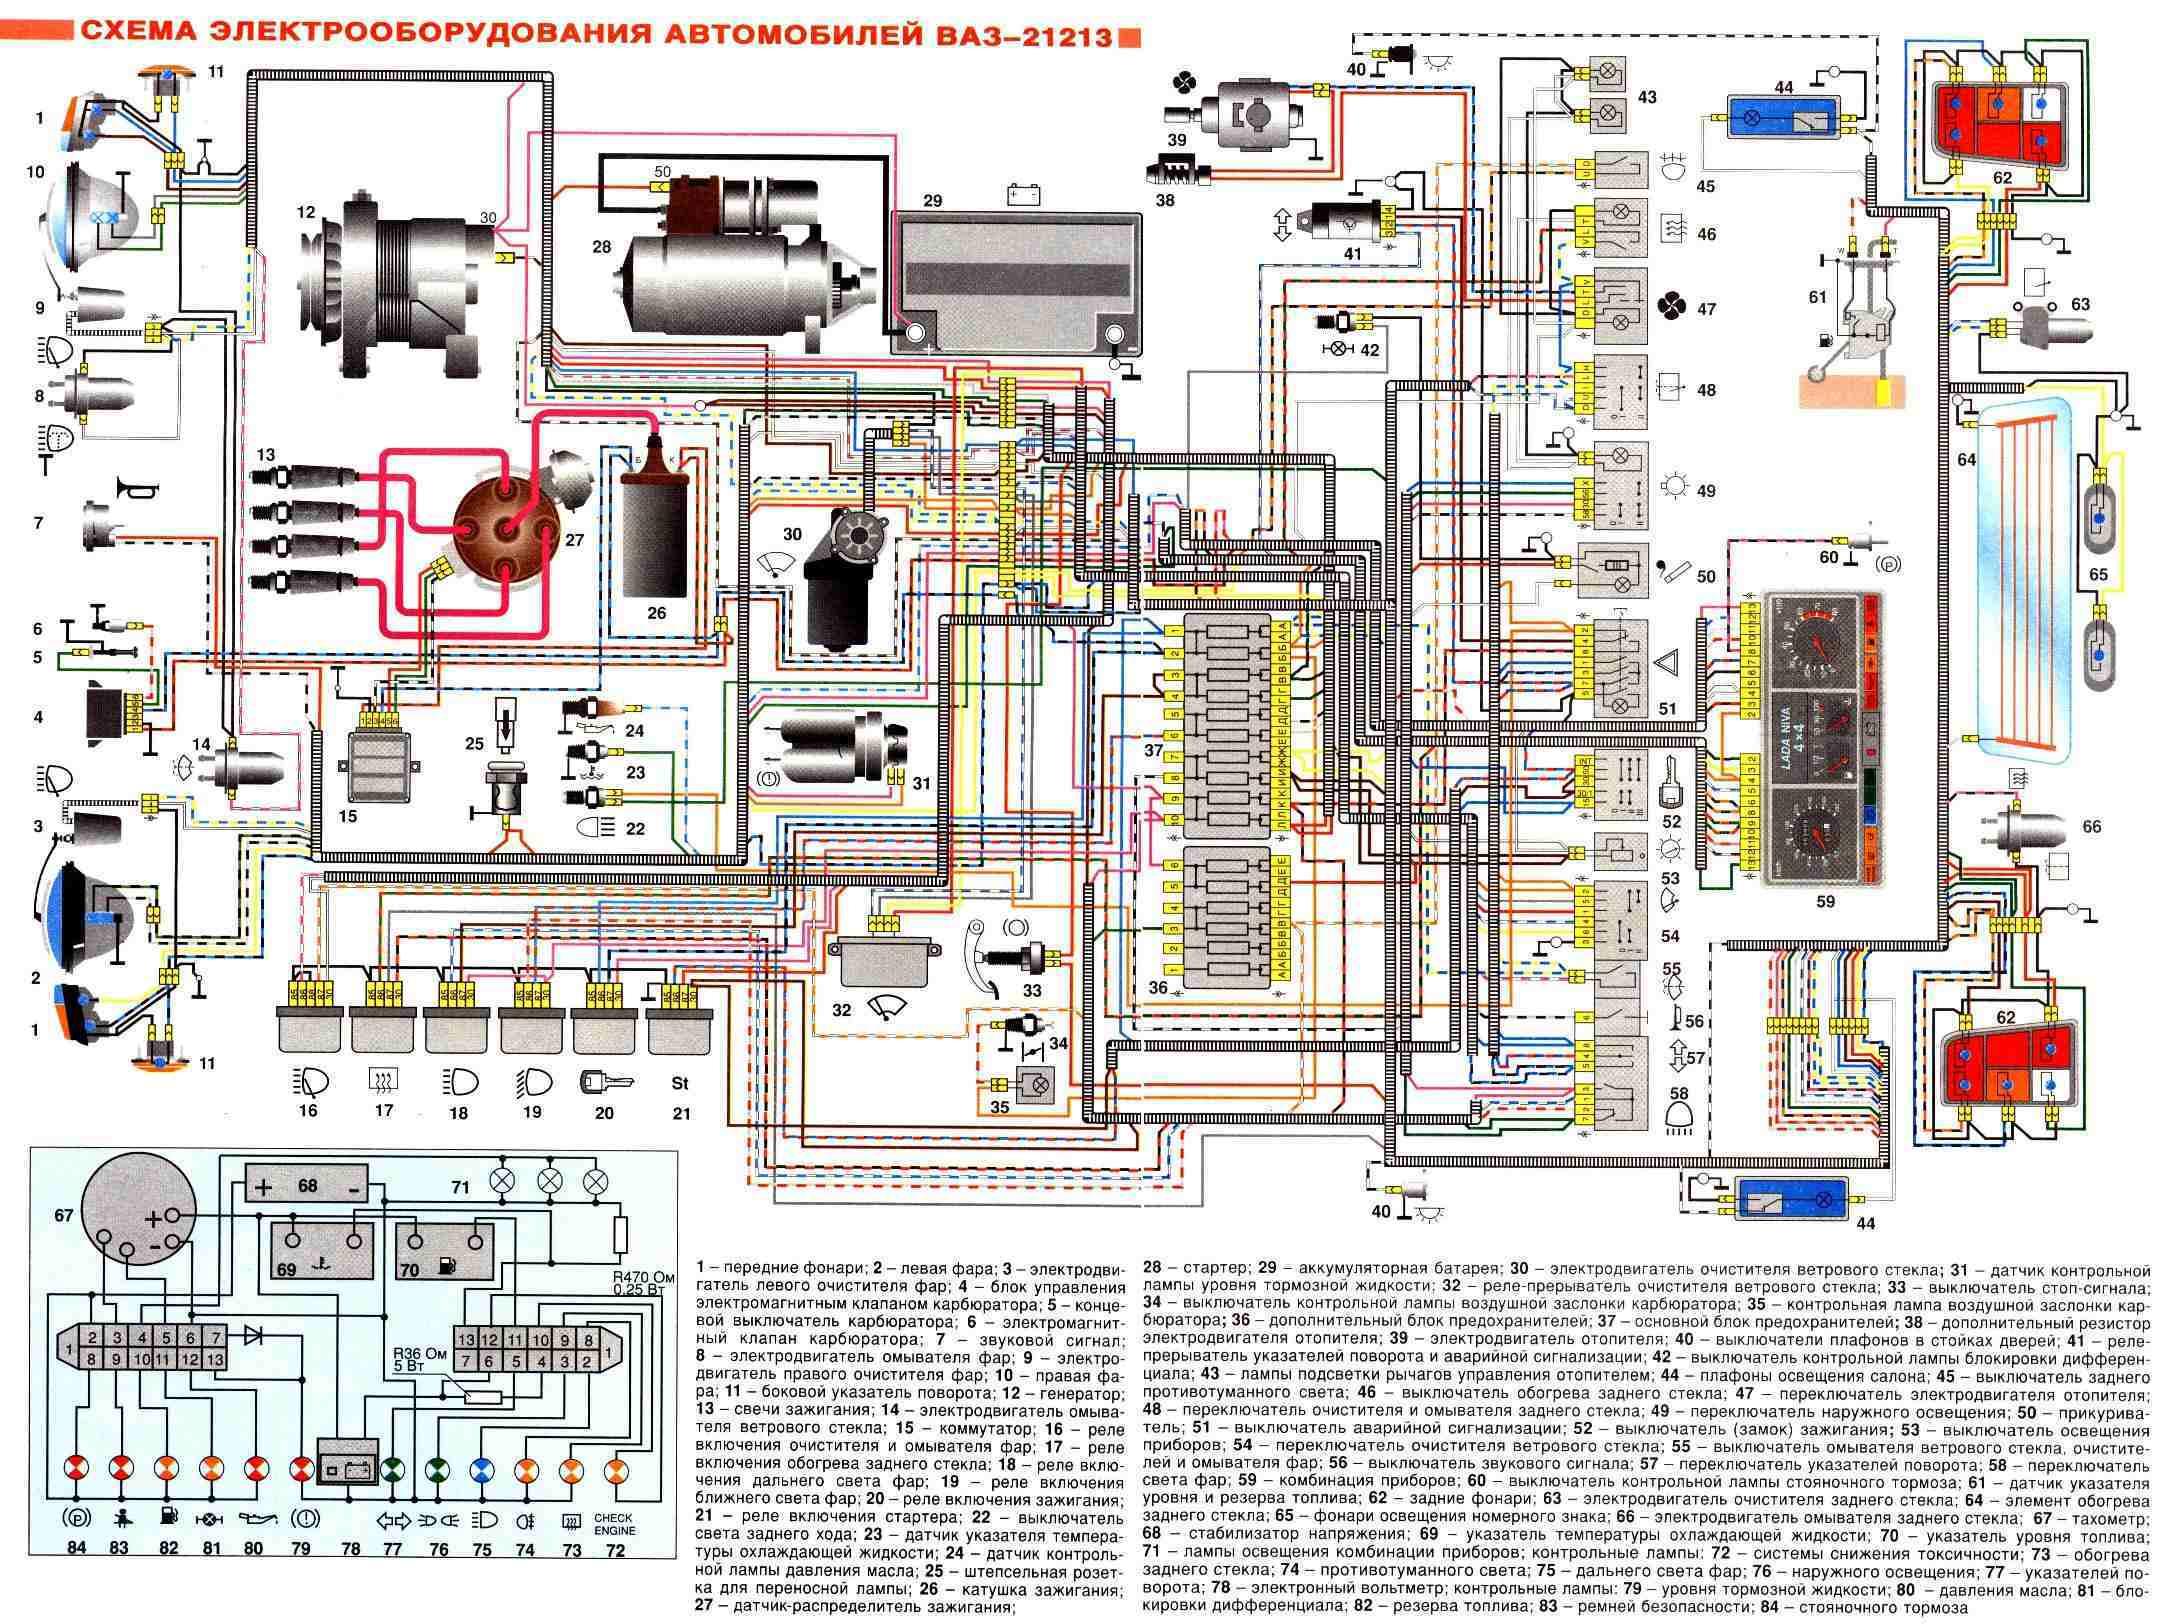 Скачать Схема электрооборудования автомобиля ВАЗ 21213.